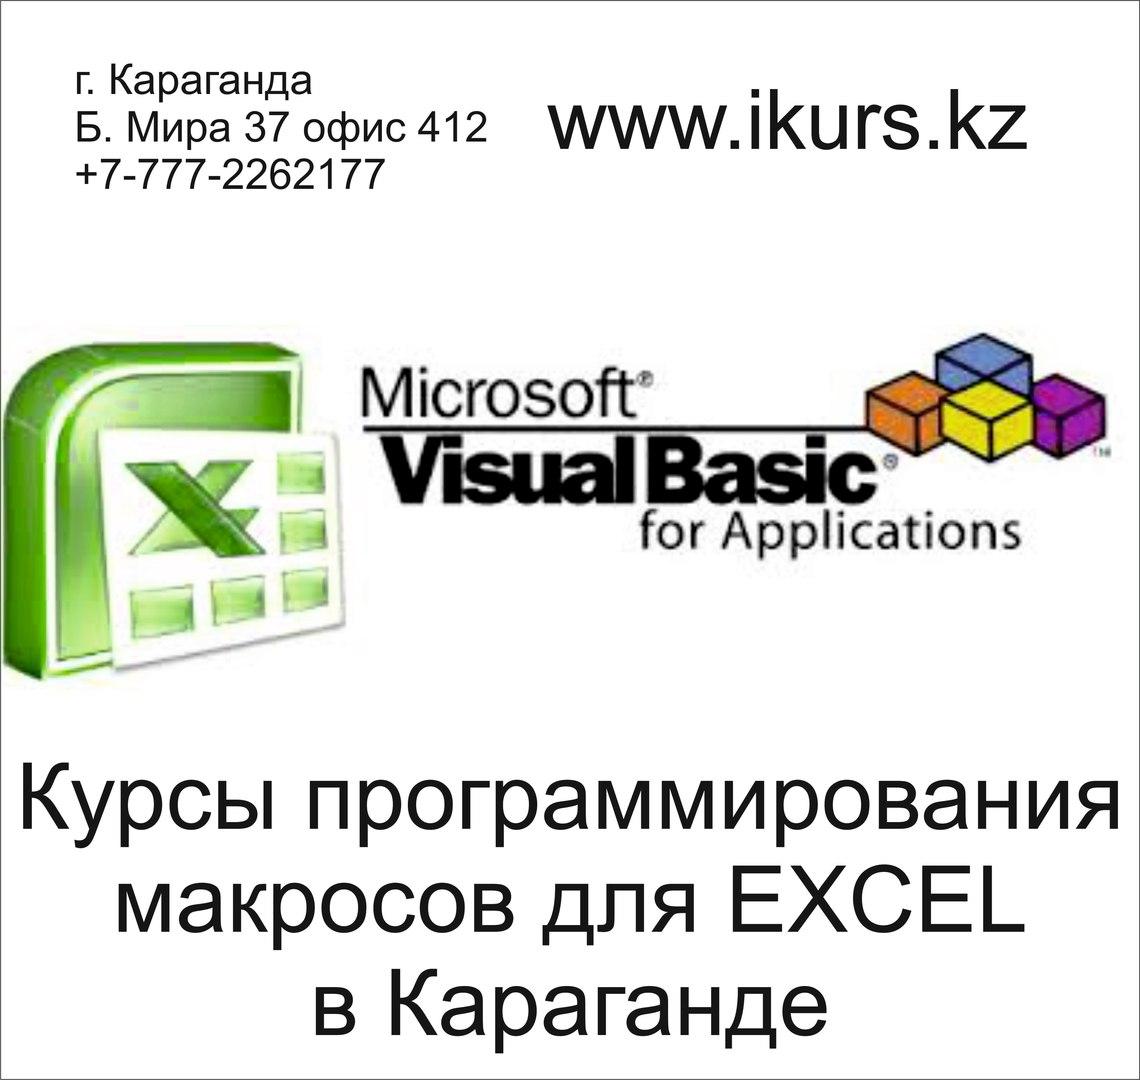 Курсы программирования макросов VBA в Караганде. Обучающий центр Ikurs